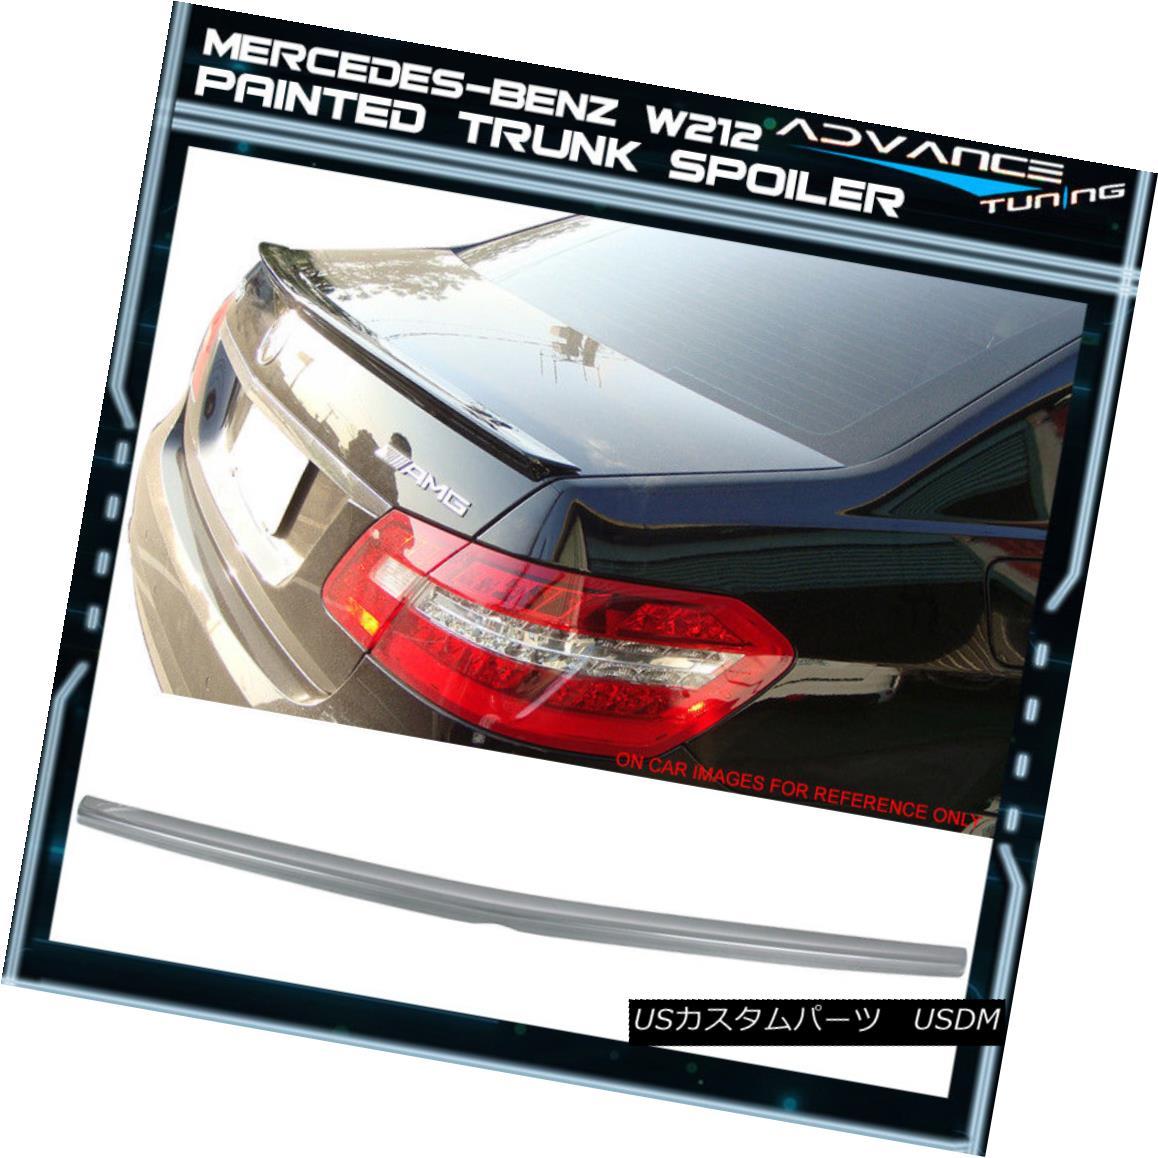 エアロパーツ 10-16 W212 Sedan AMG Trunk Spoiler OEM Painted #792 Palladium Silver Metallic 10-16 W212セダンAMGトランク・スポイラーOEM塗装#792パラジウムシルバーメタリック